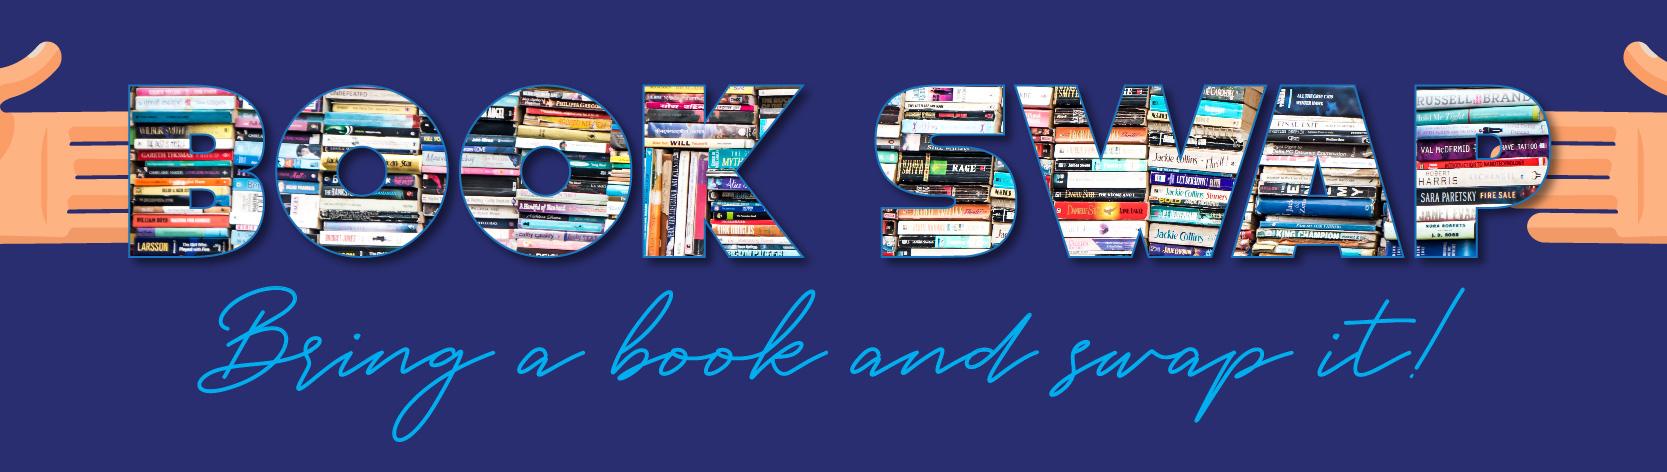 Book swap banner